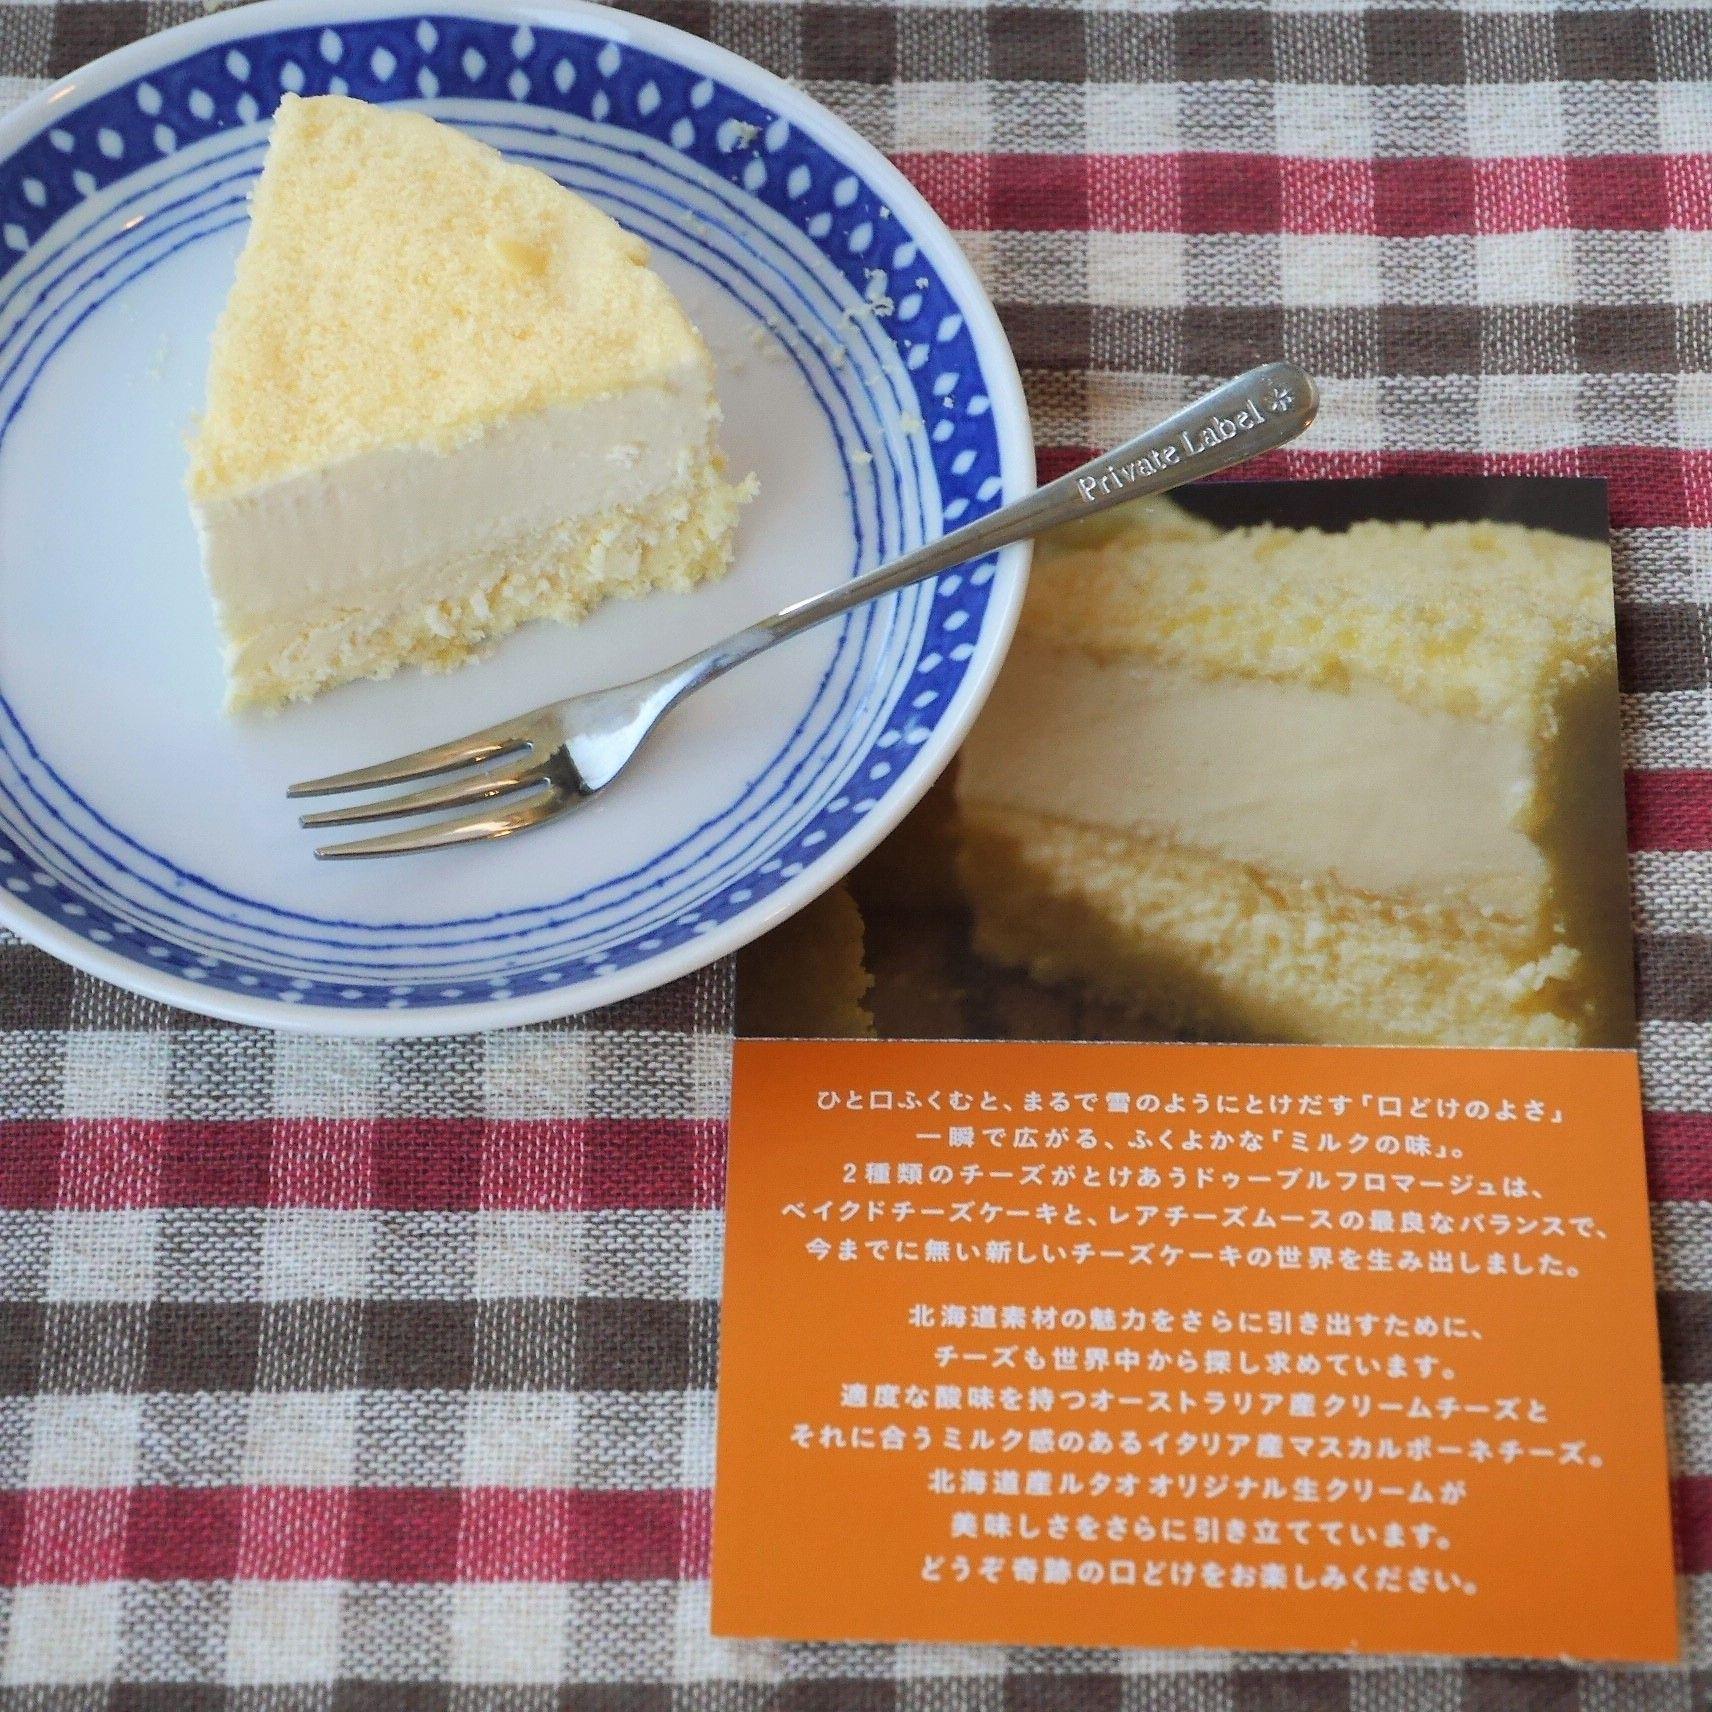 ドゥーブルフロマージュ_レアチーズ&ベイクドチーズ